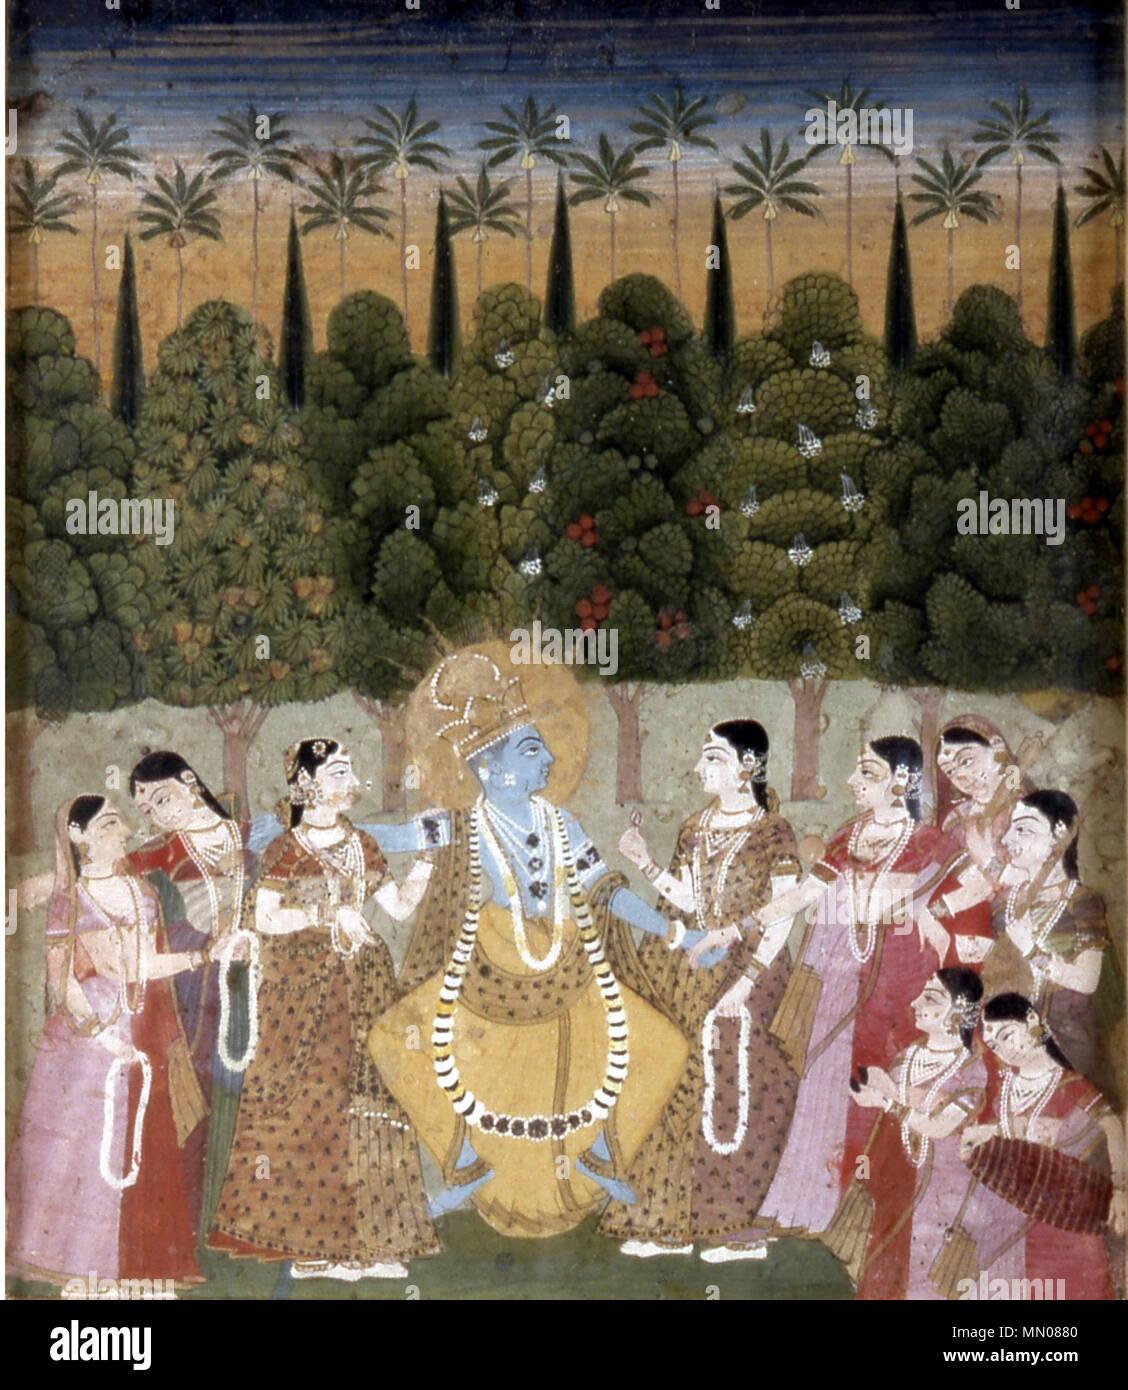 Kakinada datiert Tanten